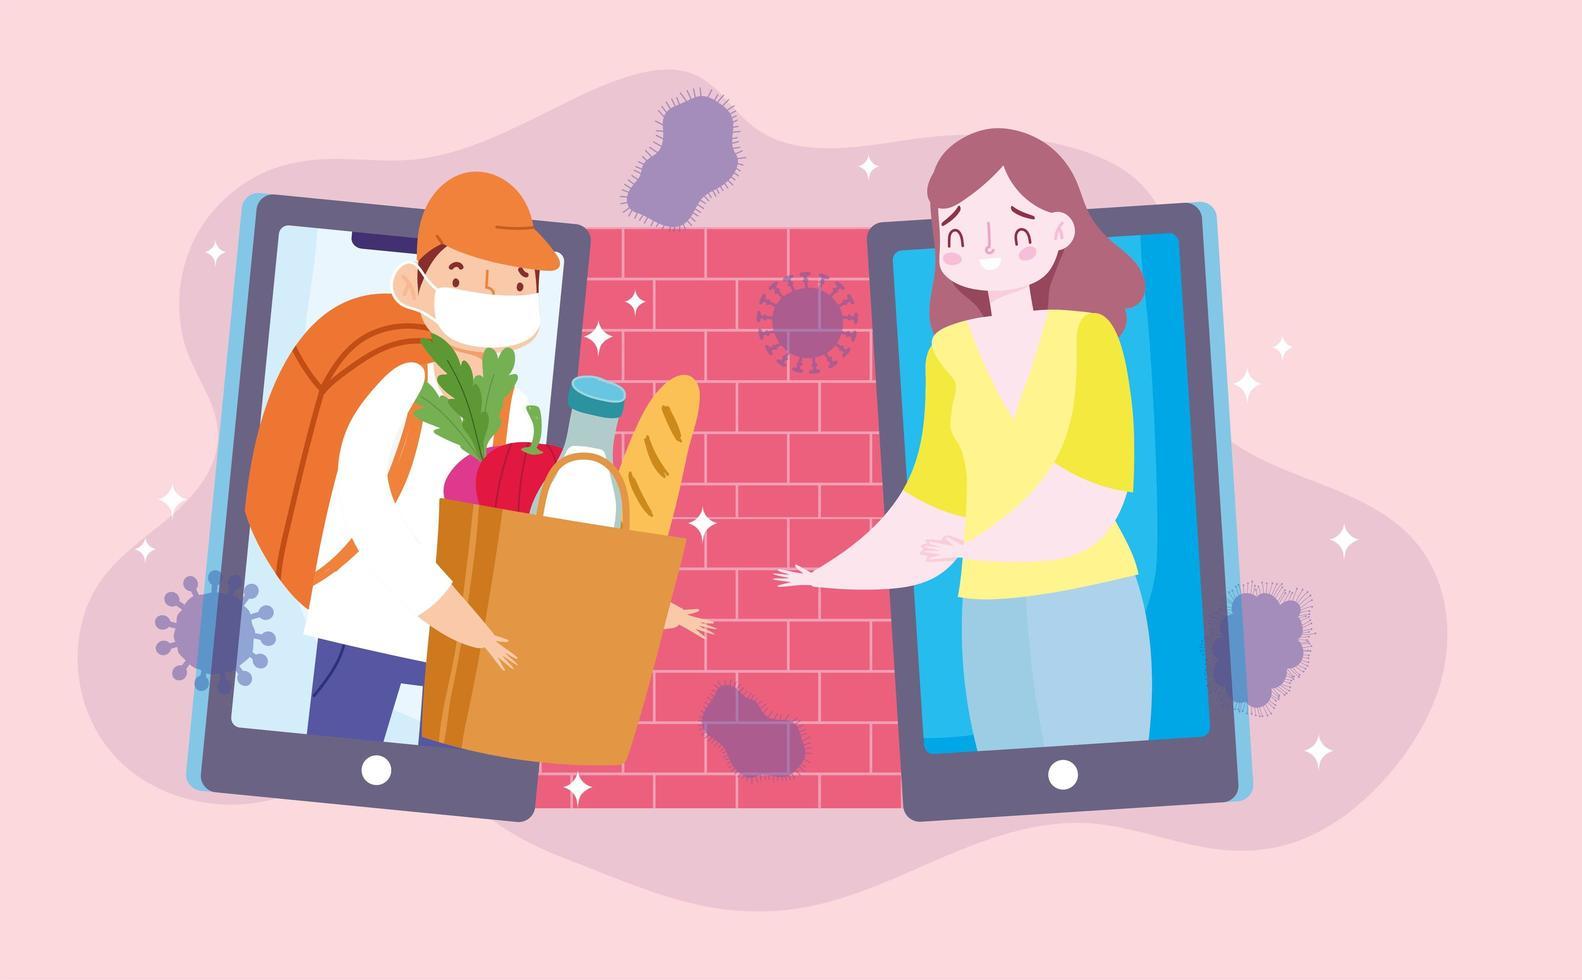 online matbeställning levereras säkert hemma vektor